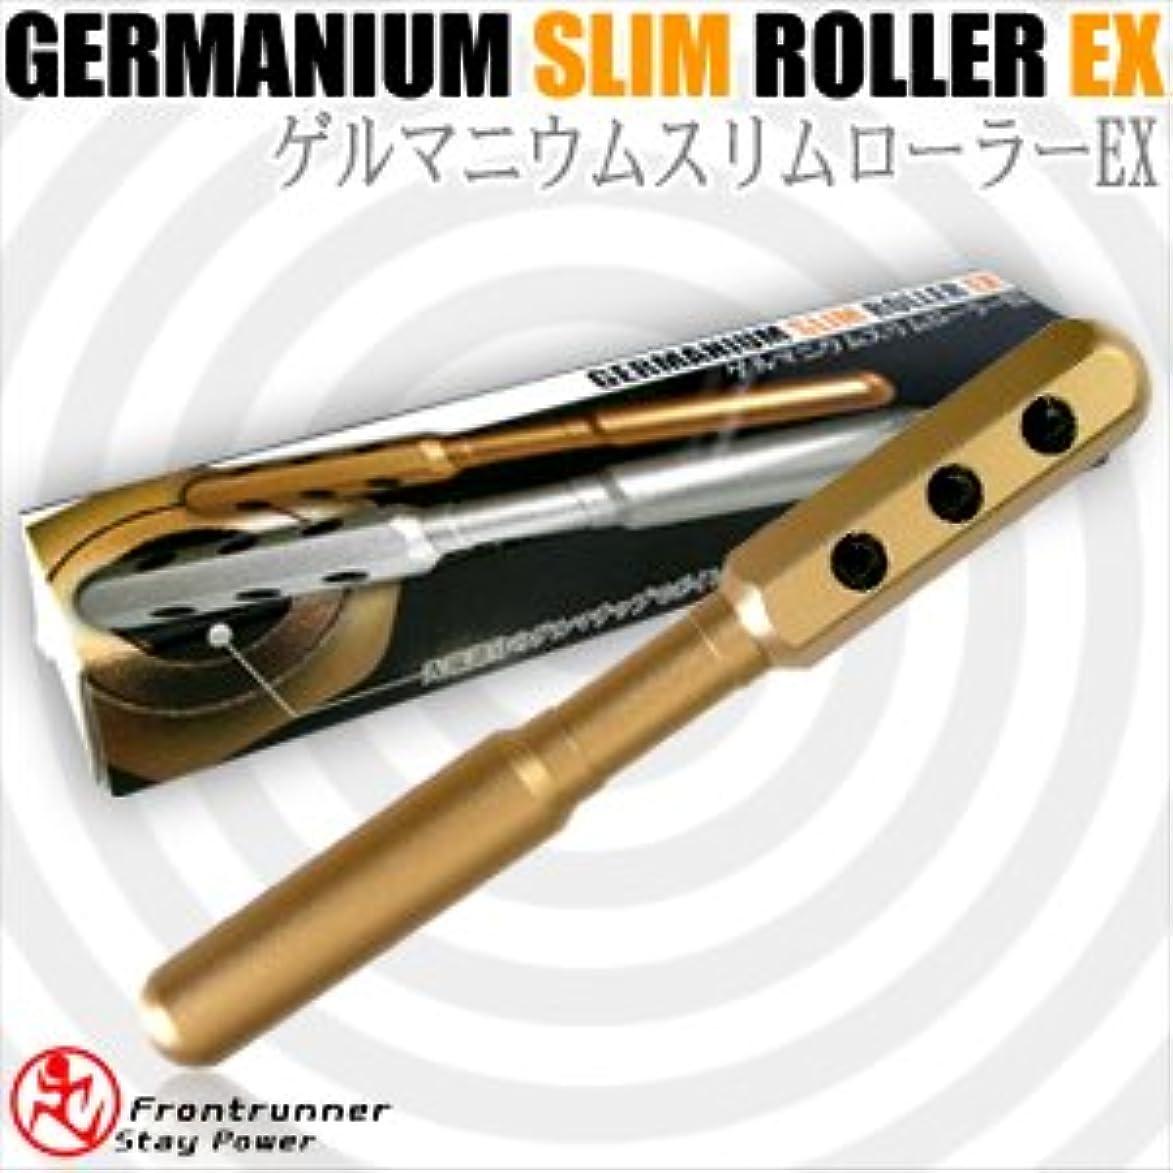 事件、出来事不当パンゲルマニウムスリムローラーEX(ゴールド)